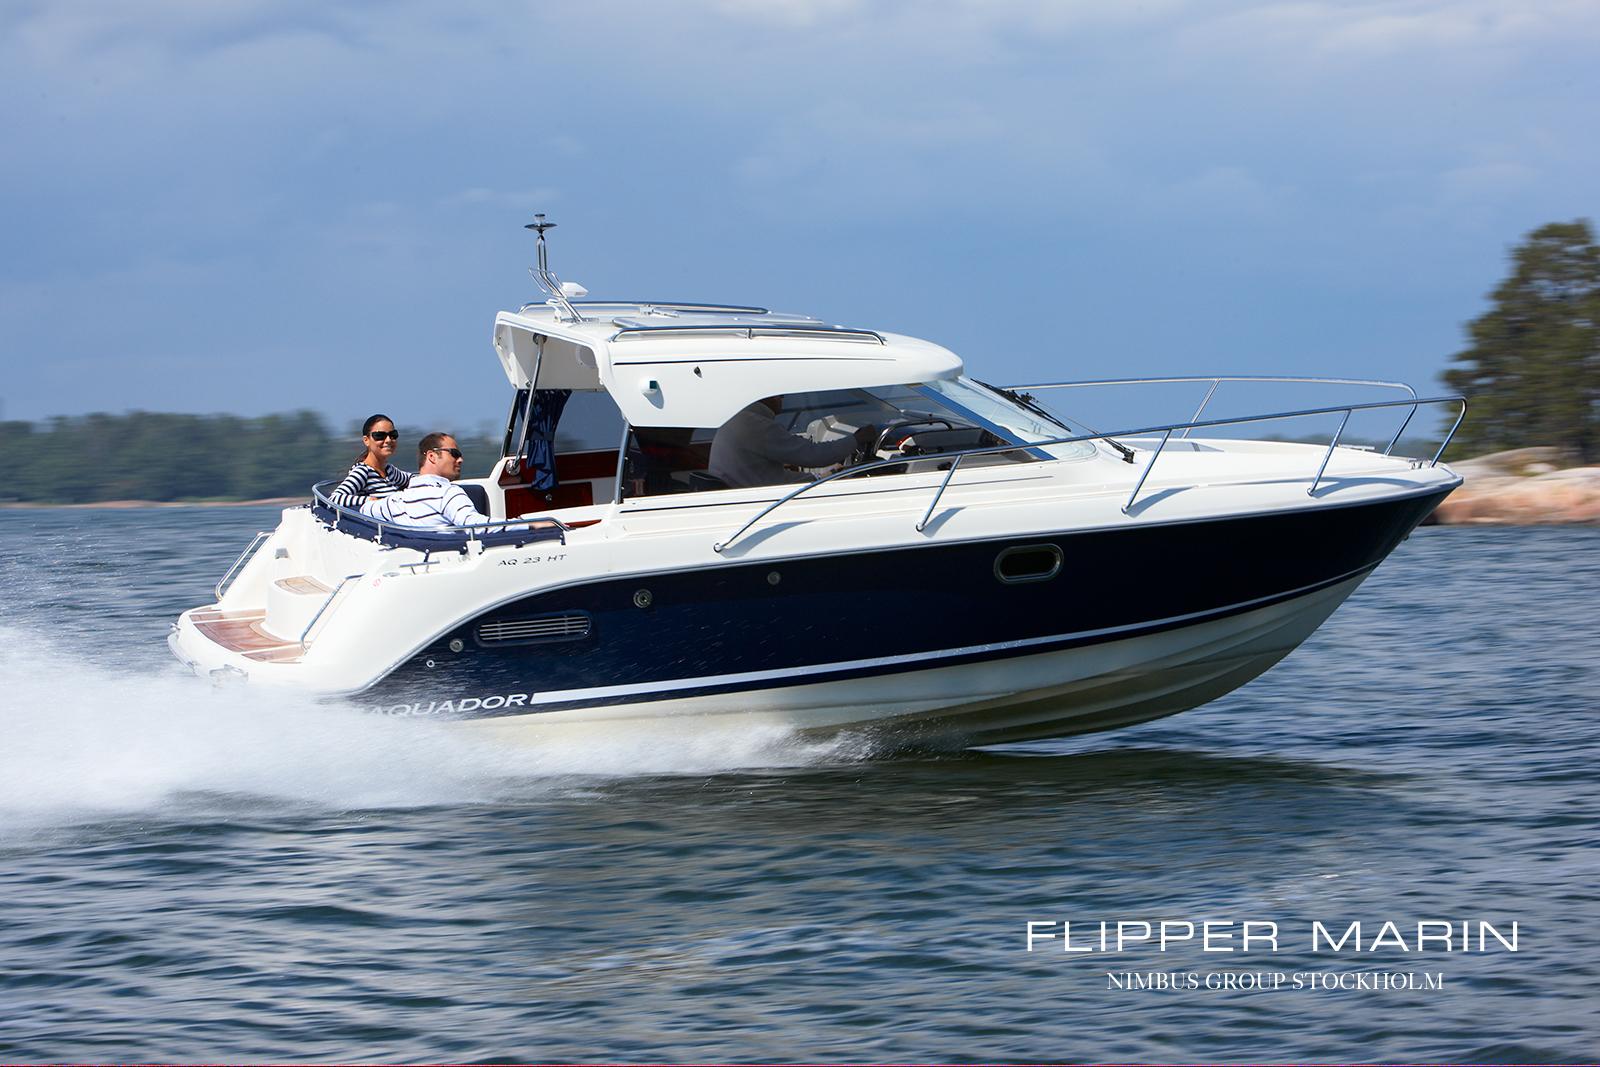 Hela Aquadorsortimentet hittar ni hos Flipper Marin